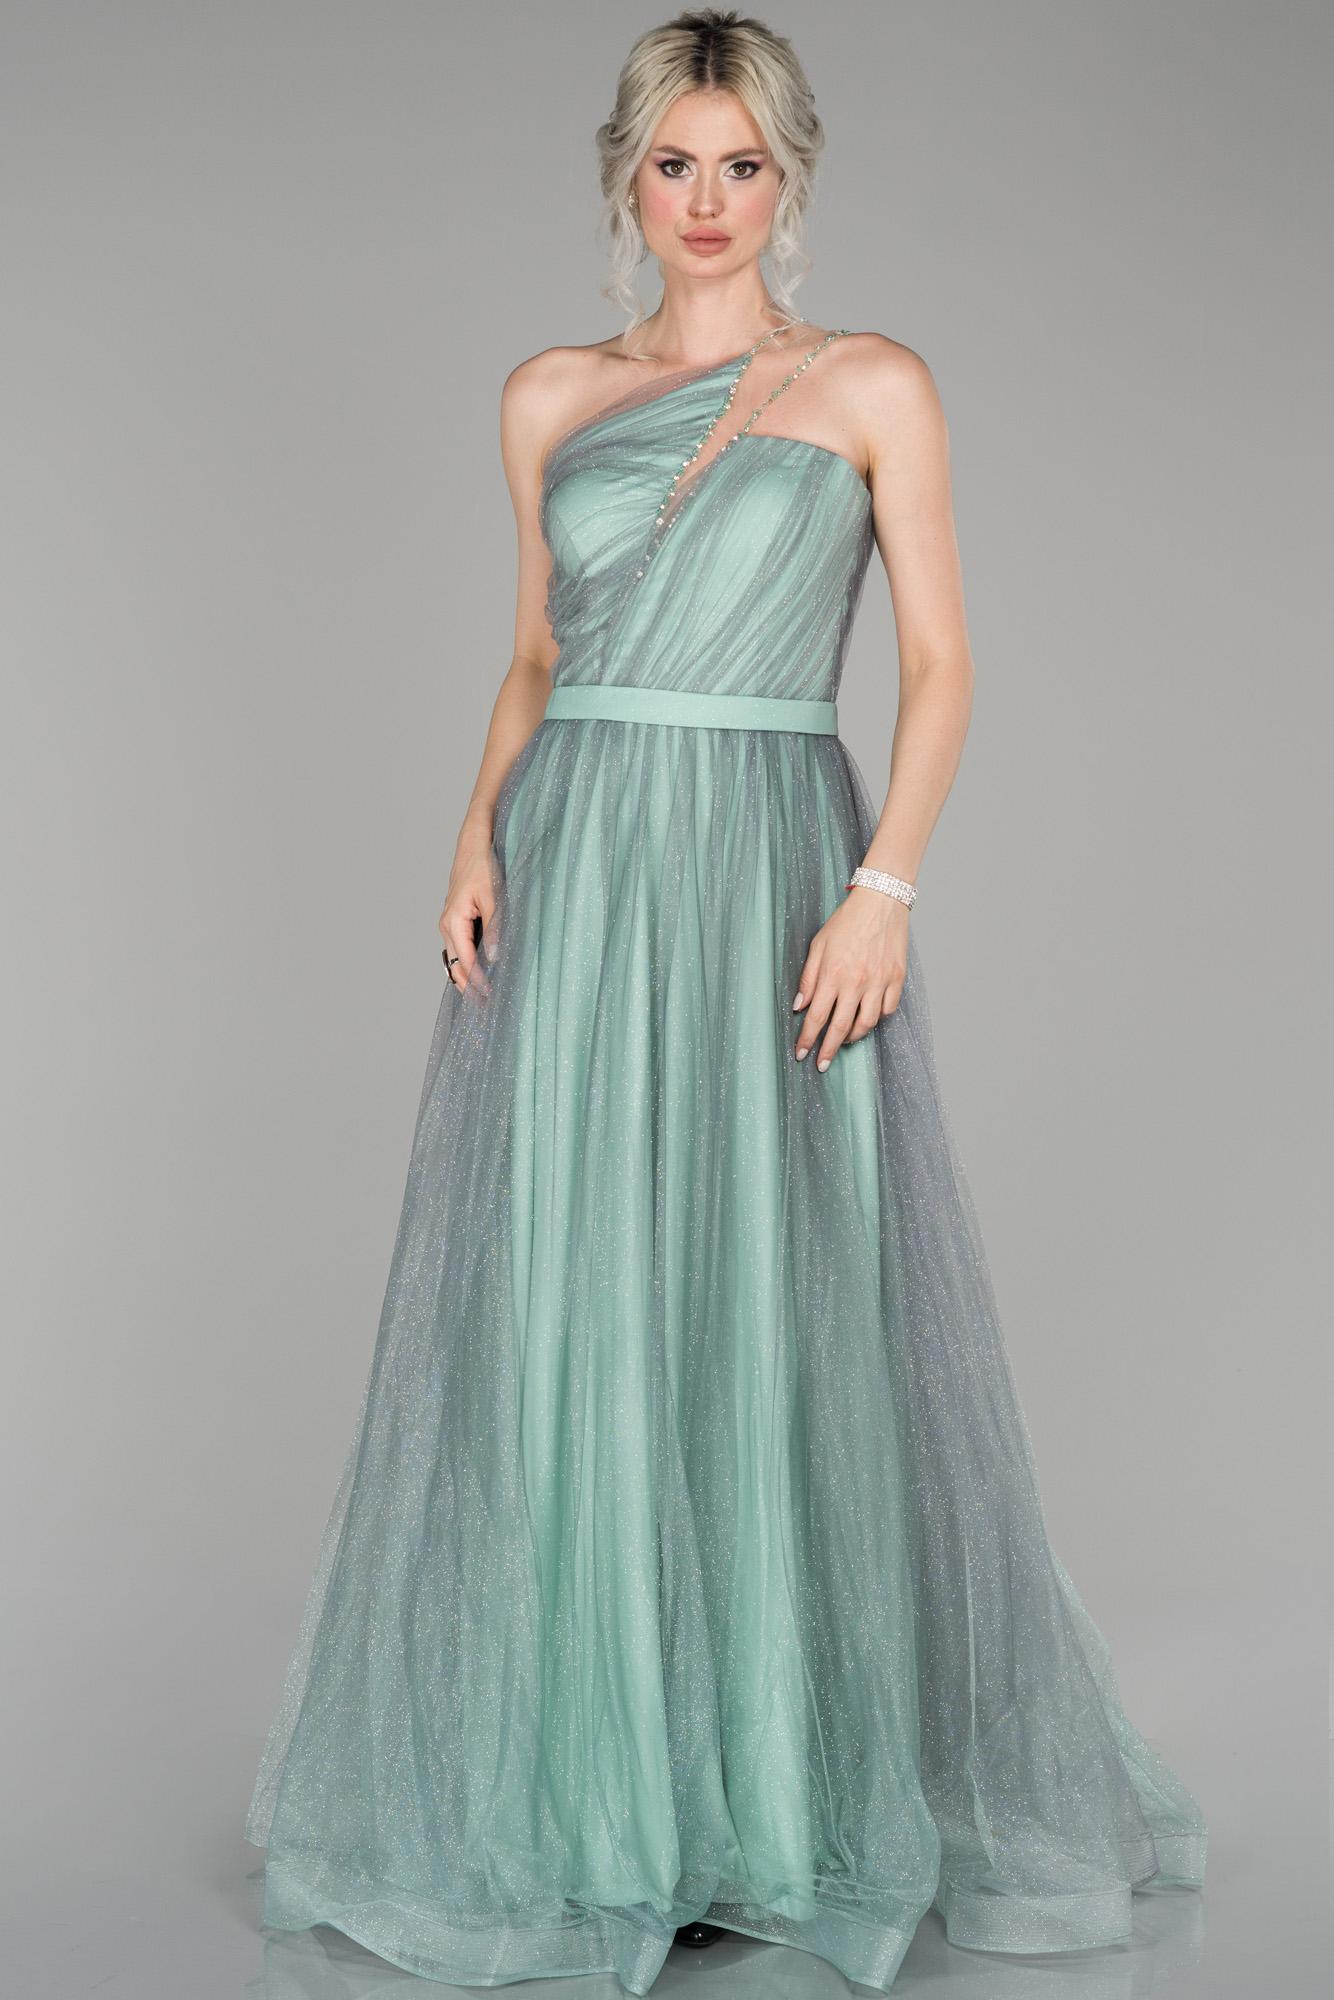 Firuze Tek Omuz Simli Tül Detaylı Prenses Abiye Elbise